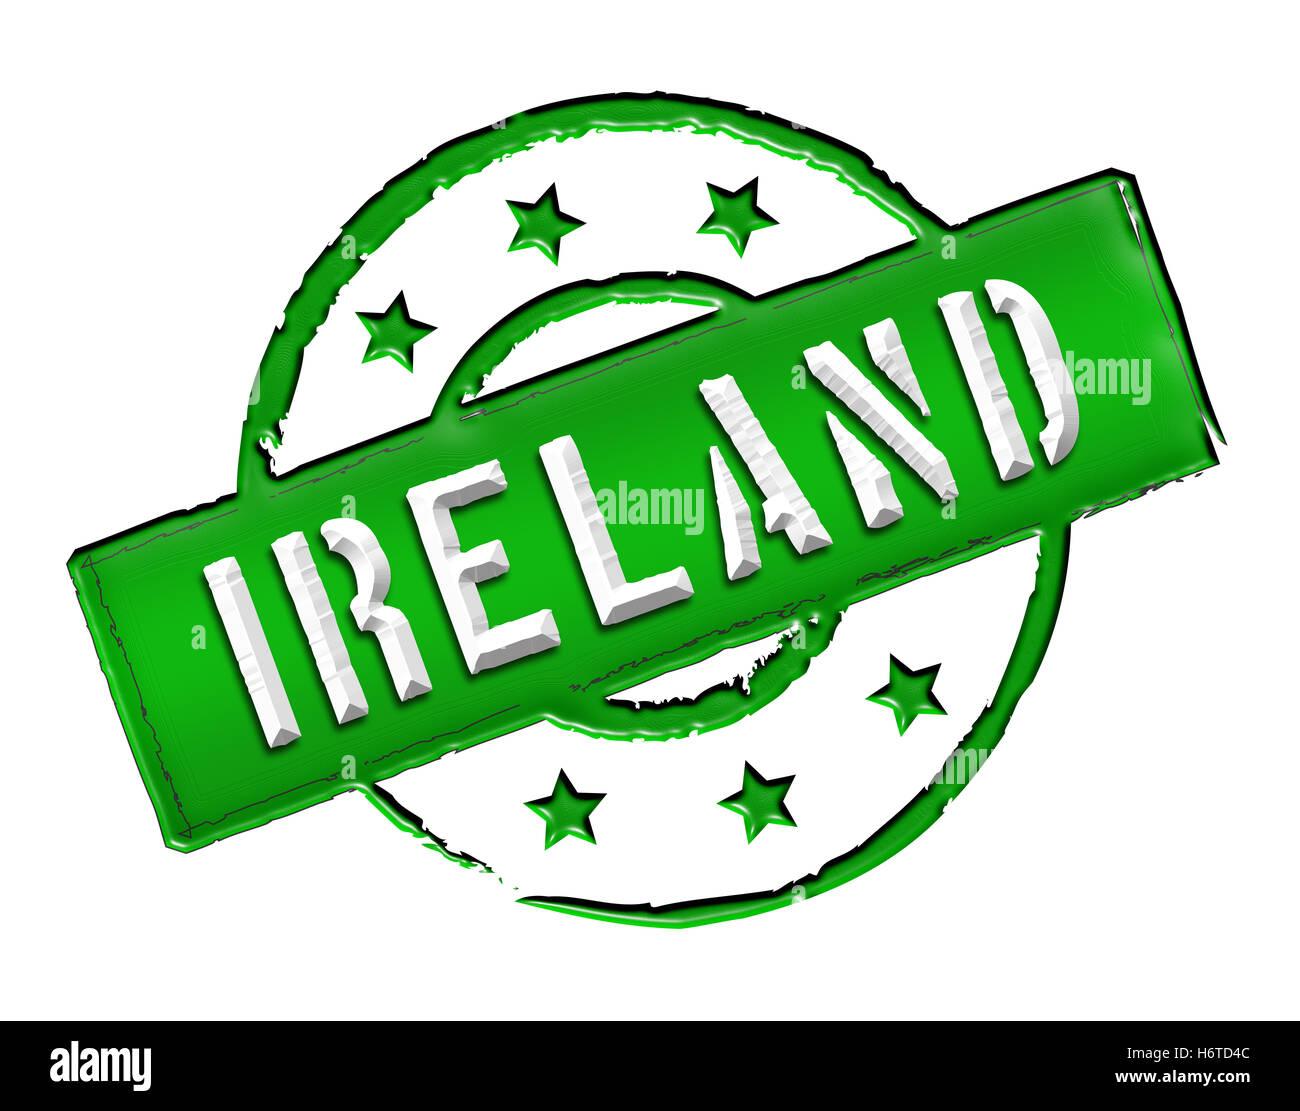 Irland isoliert Armee England Achtung wichtig Achtung abstraktes Irland Königin Insel Militär Retro-Label Stockbild